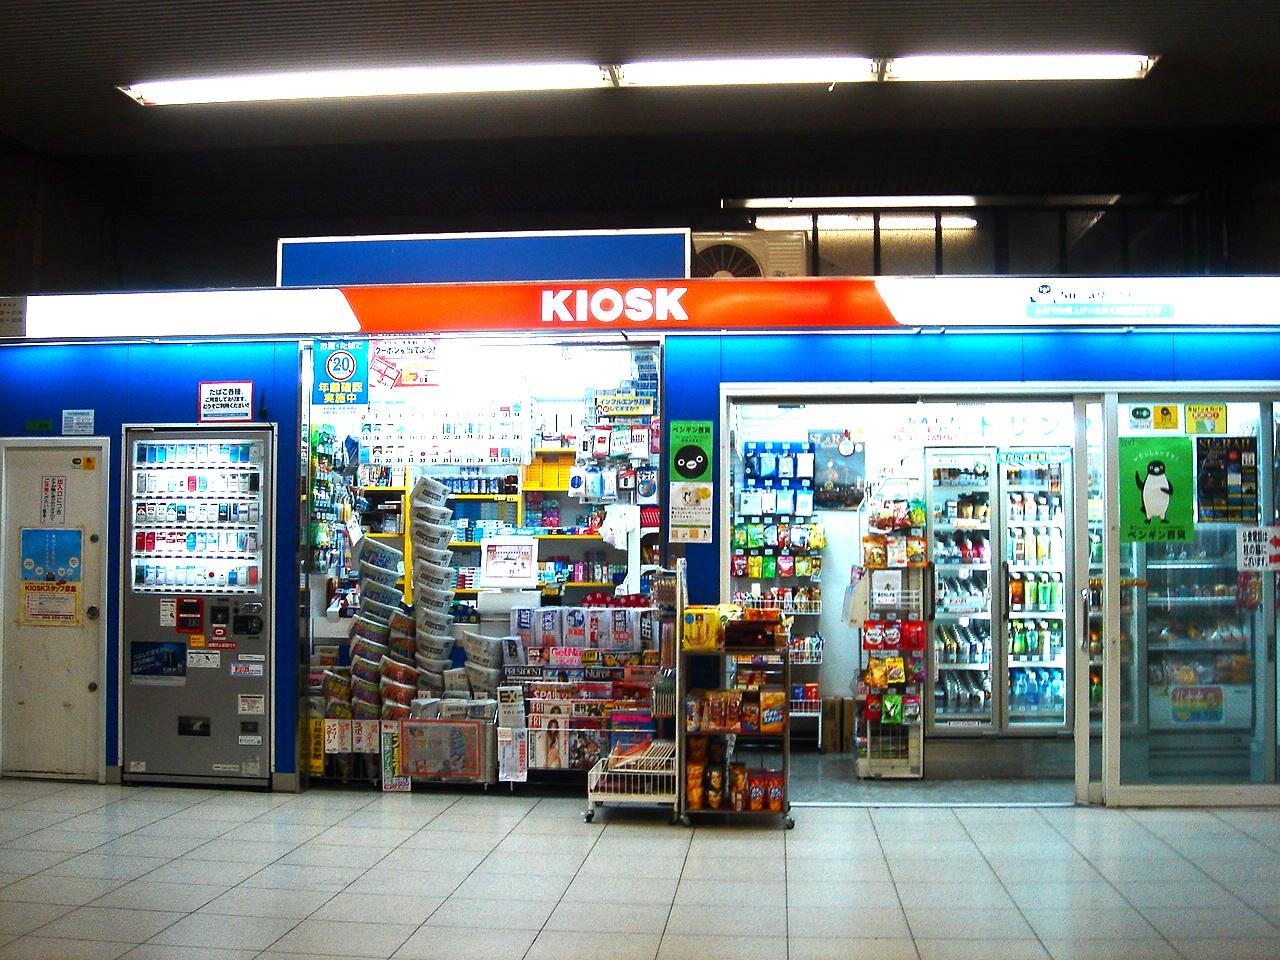 東京ベイ船橋ビビット2009Part2 : 駅中店舗のKIOSK@JR南船橋駅(3)